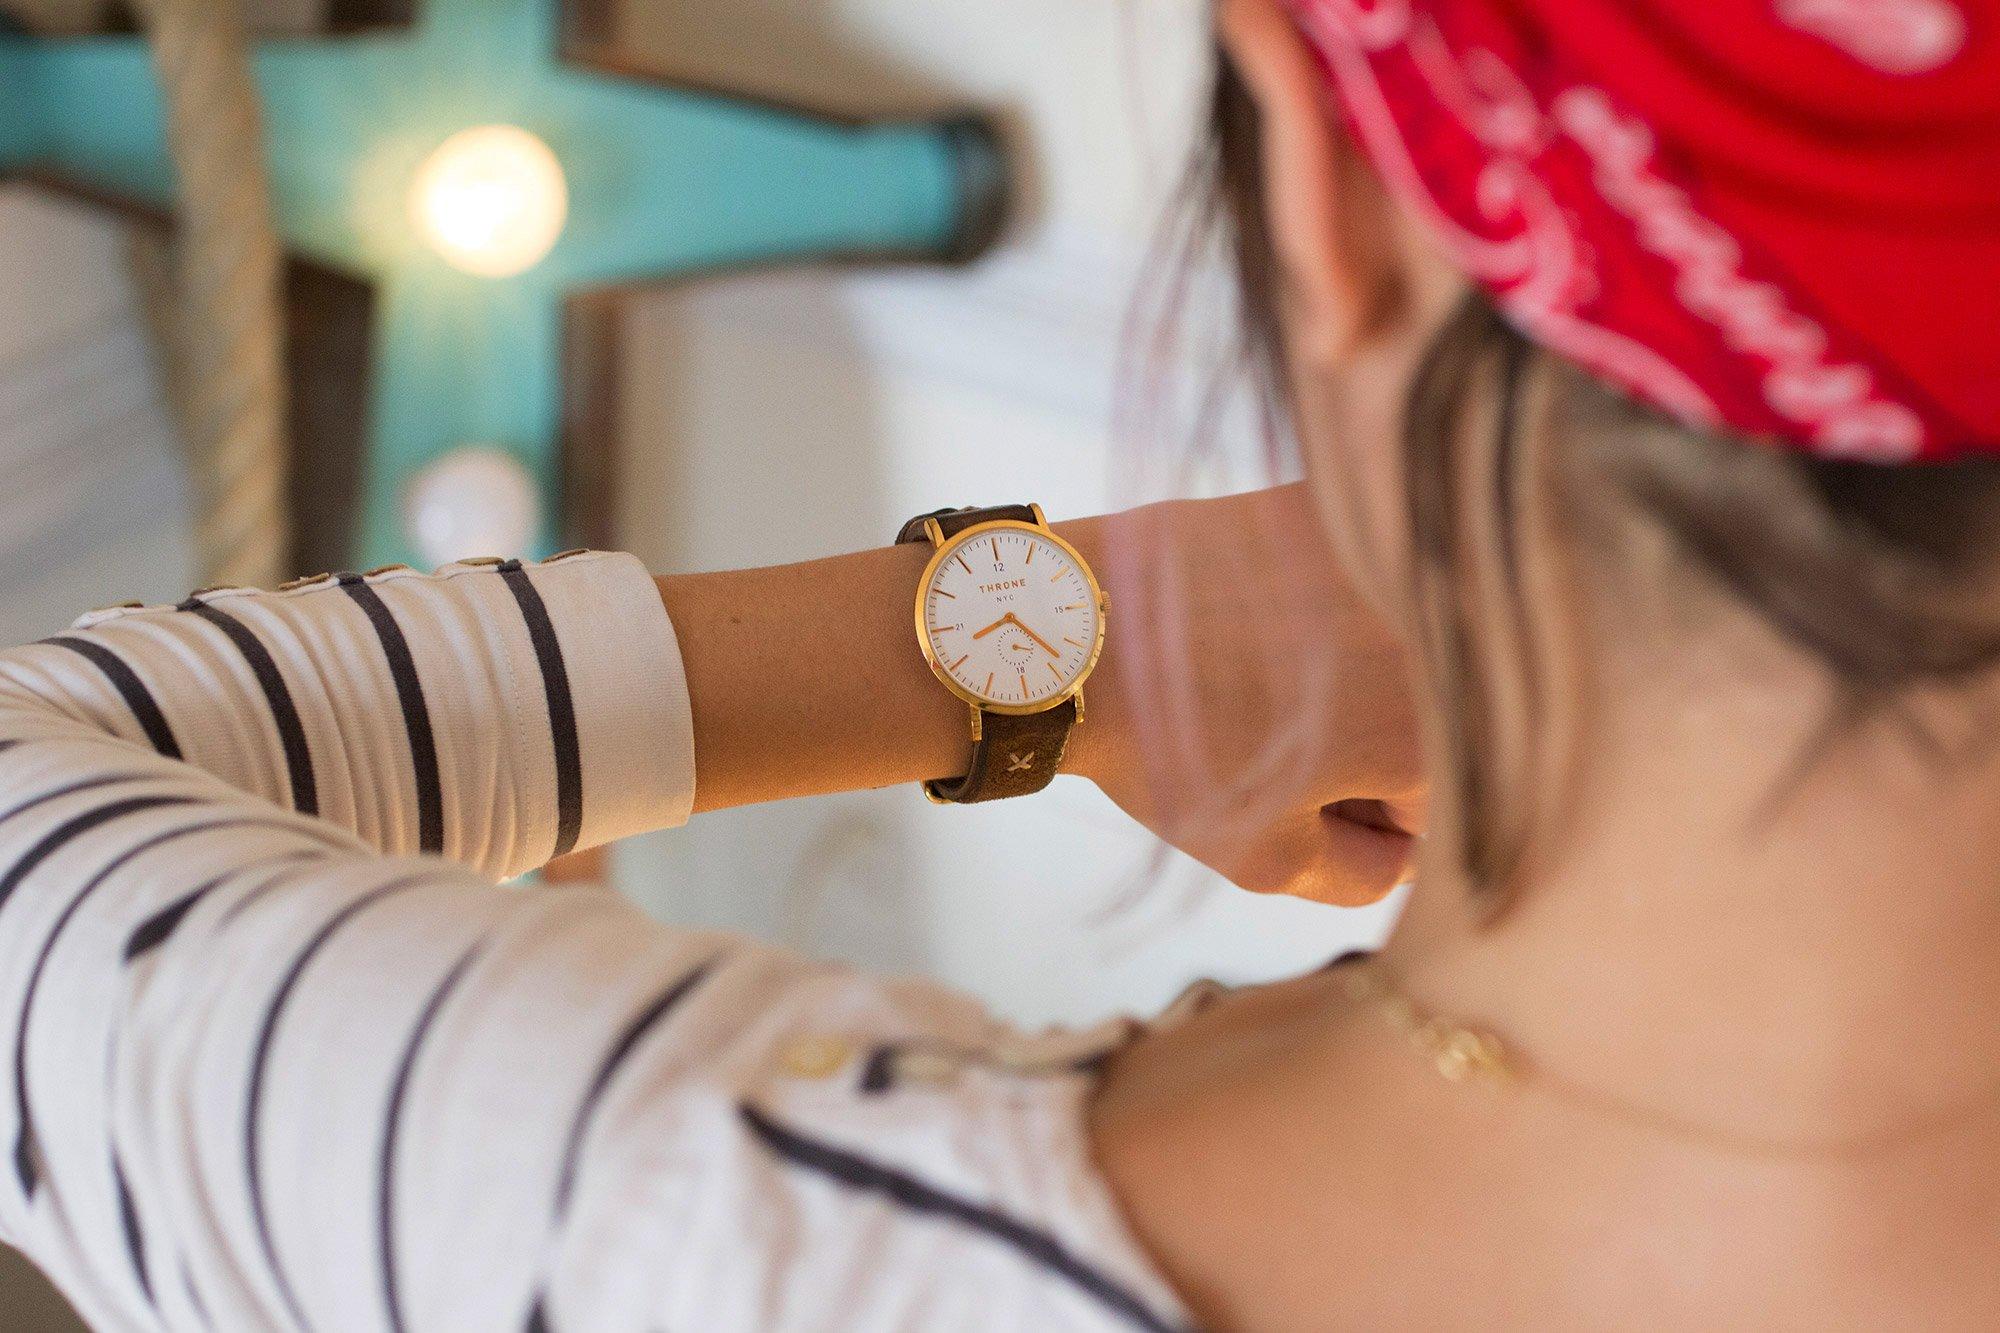 Механизм и материалы женских наручных часов